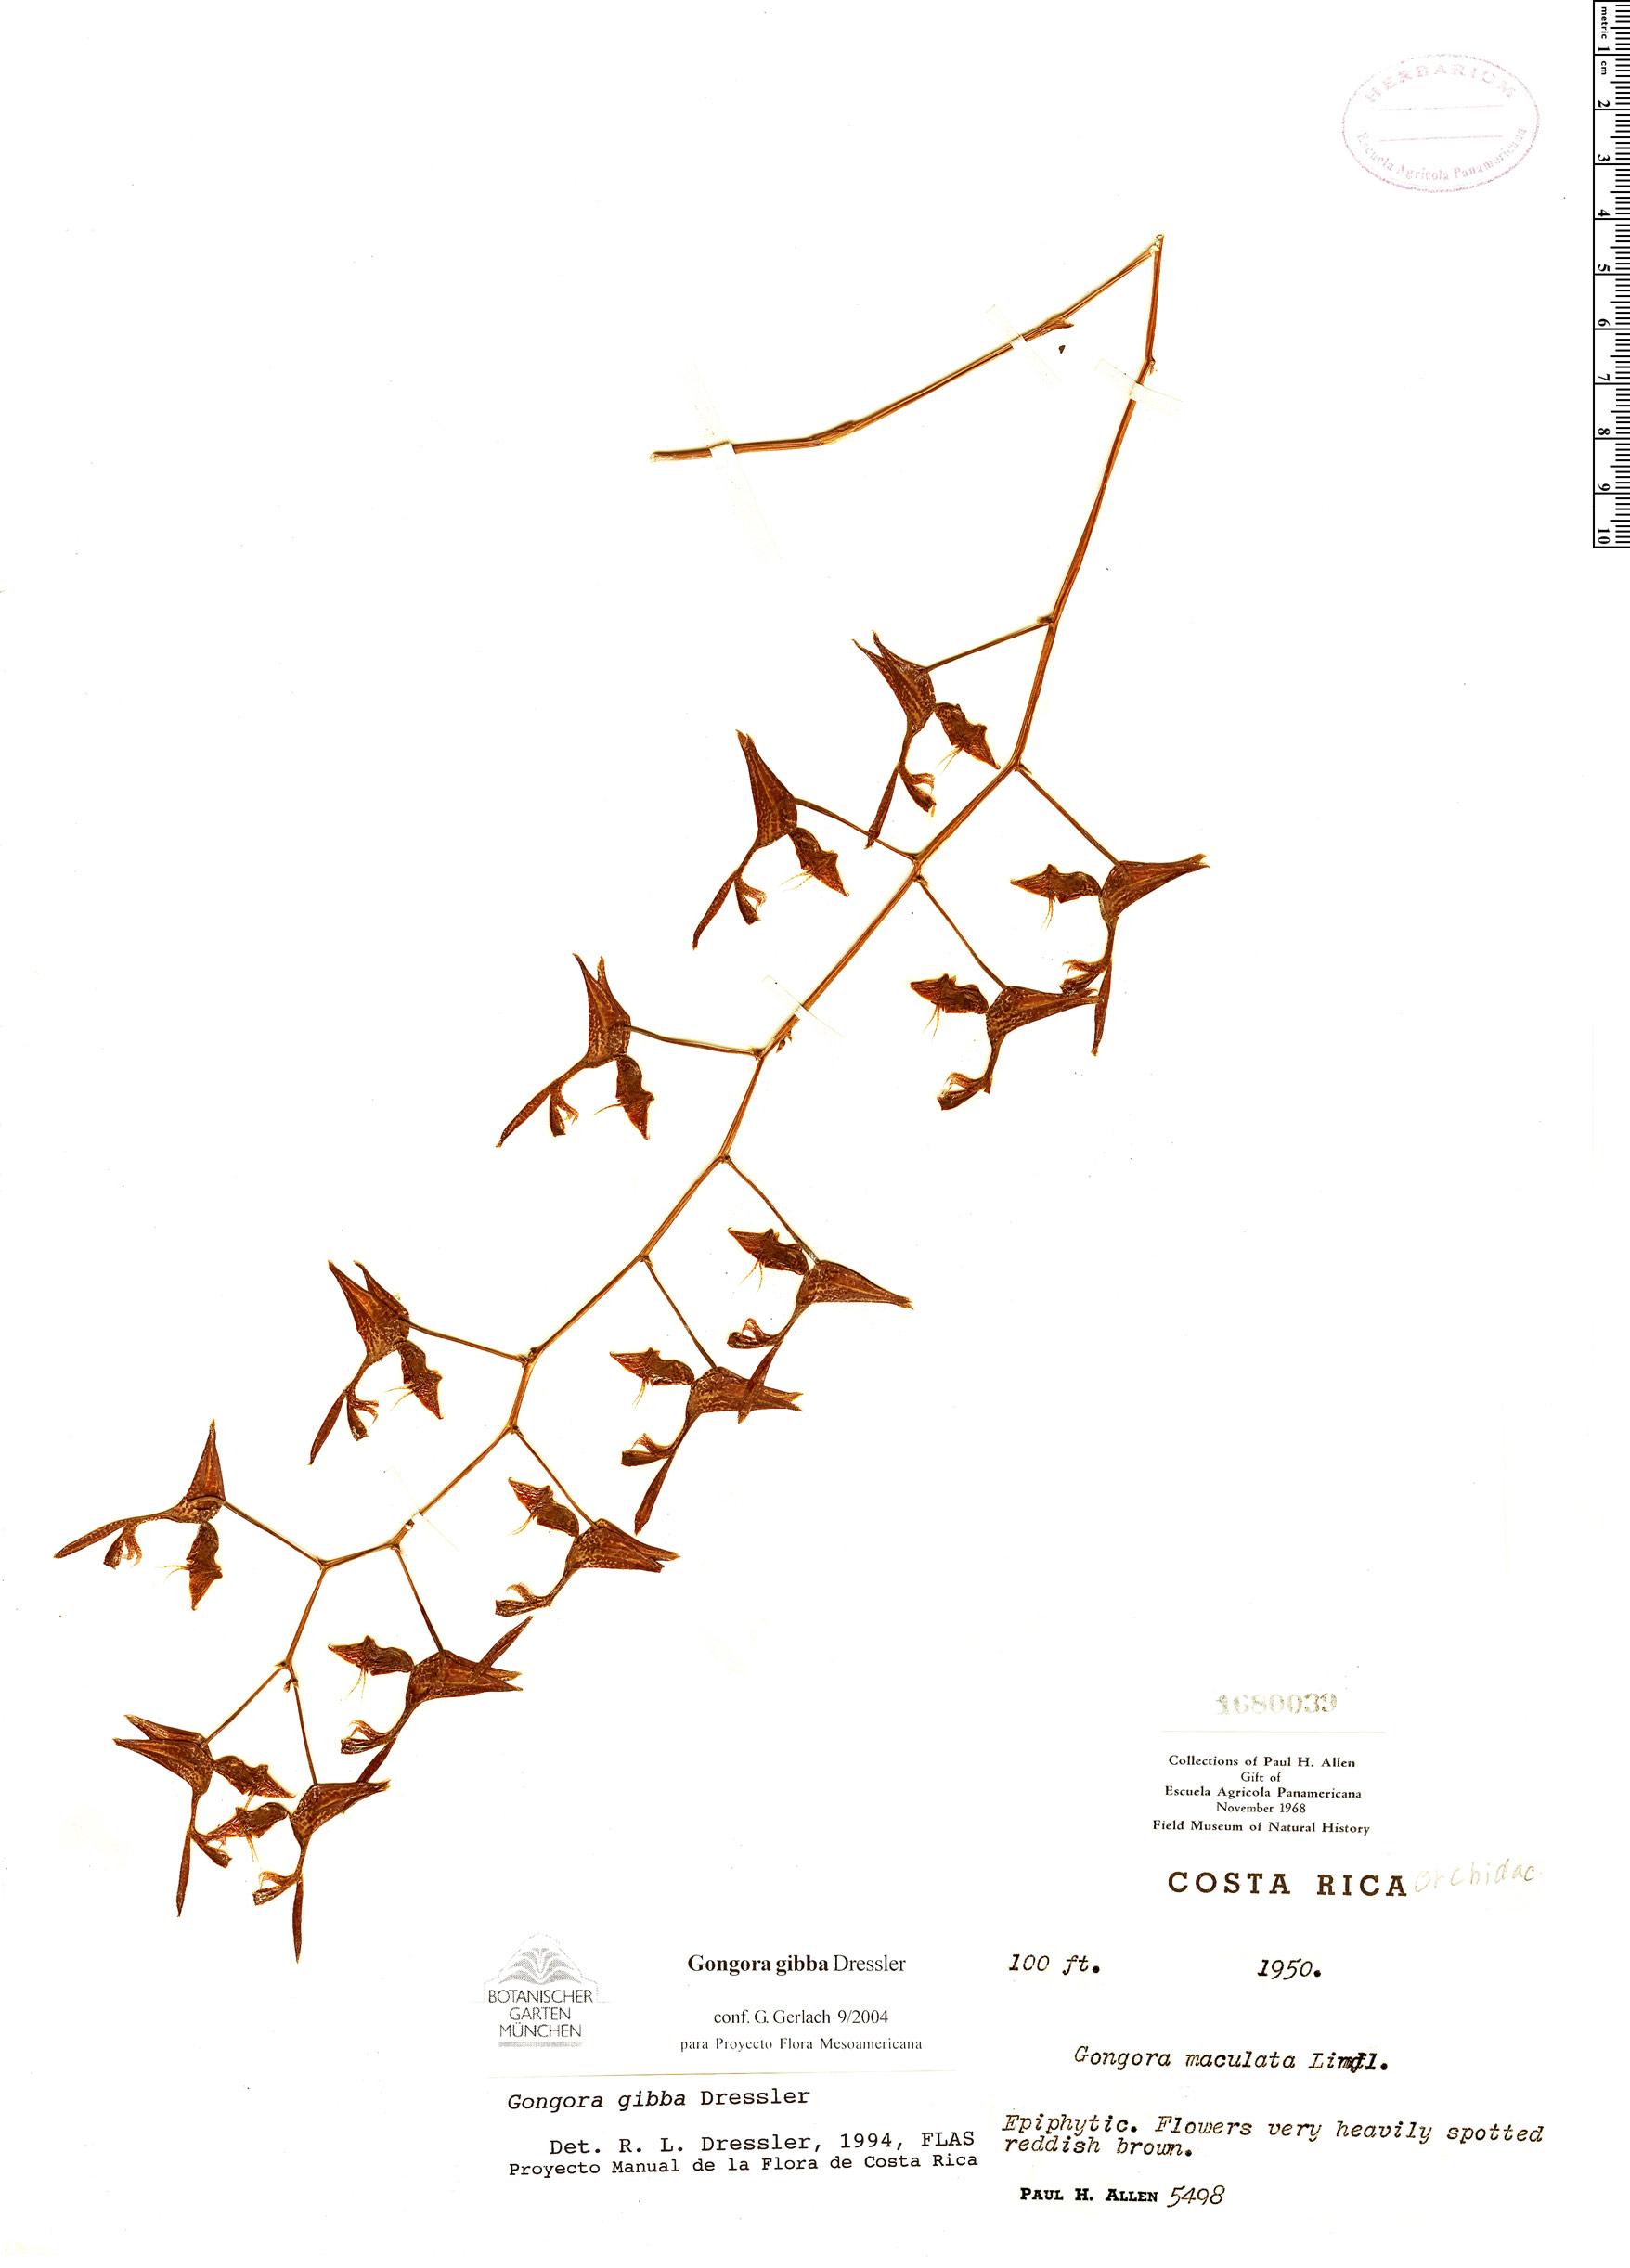 Specimen: Gongora gibba